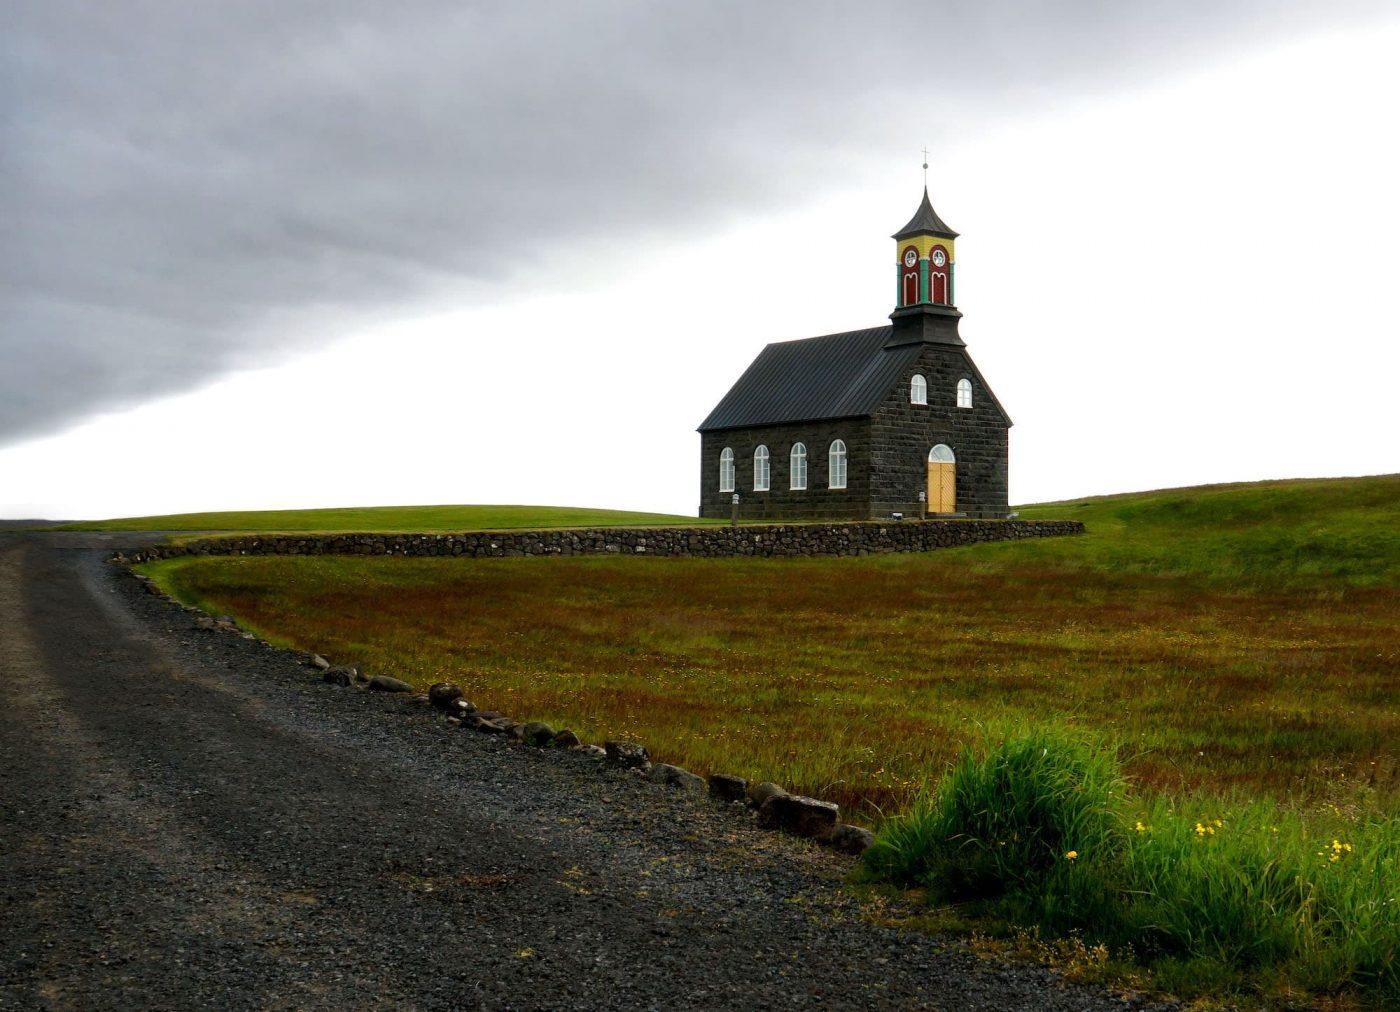 Bild des Monats August, Kirche im Norden, Karl Eissner